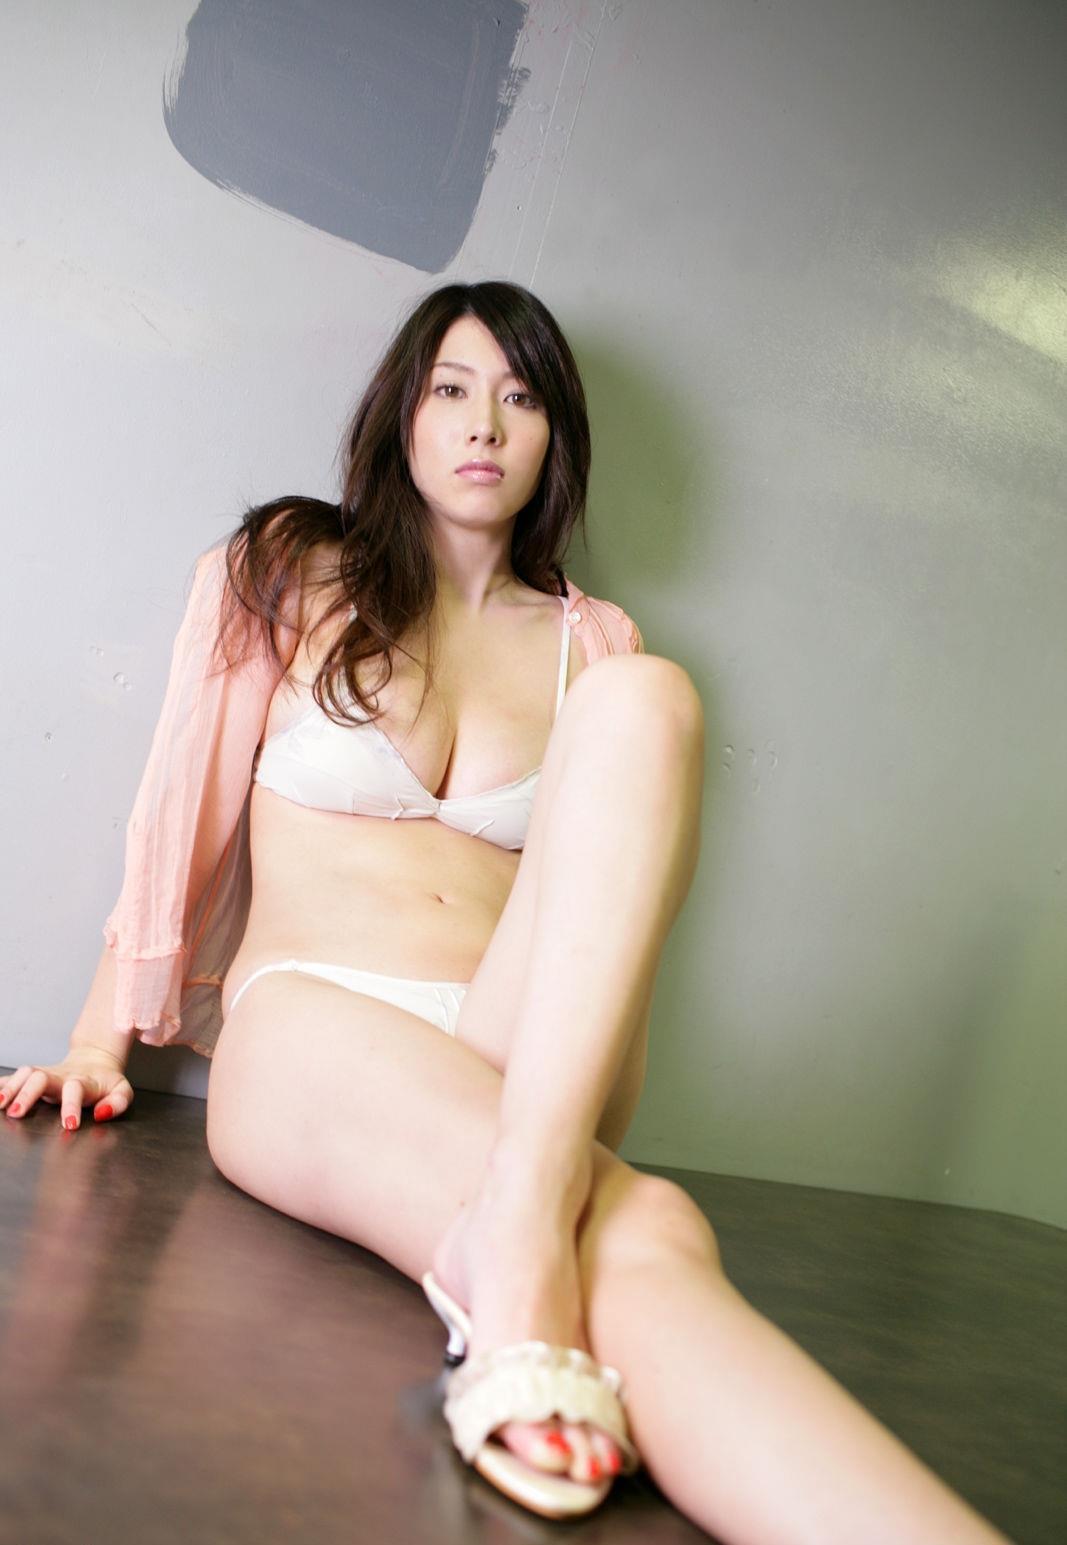 小林恵美 画像 13